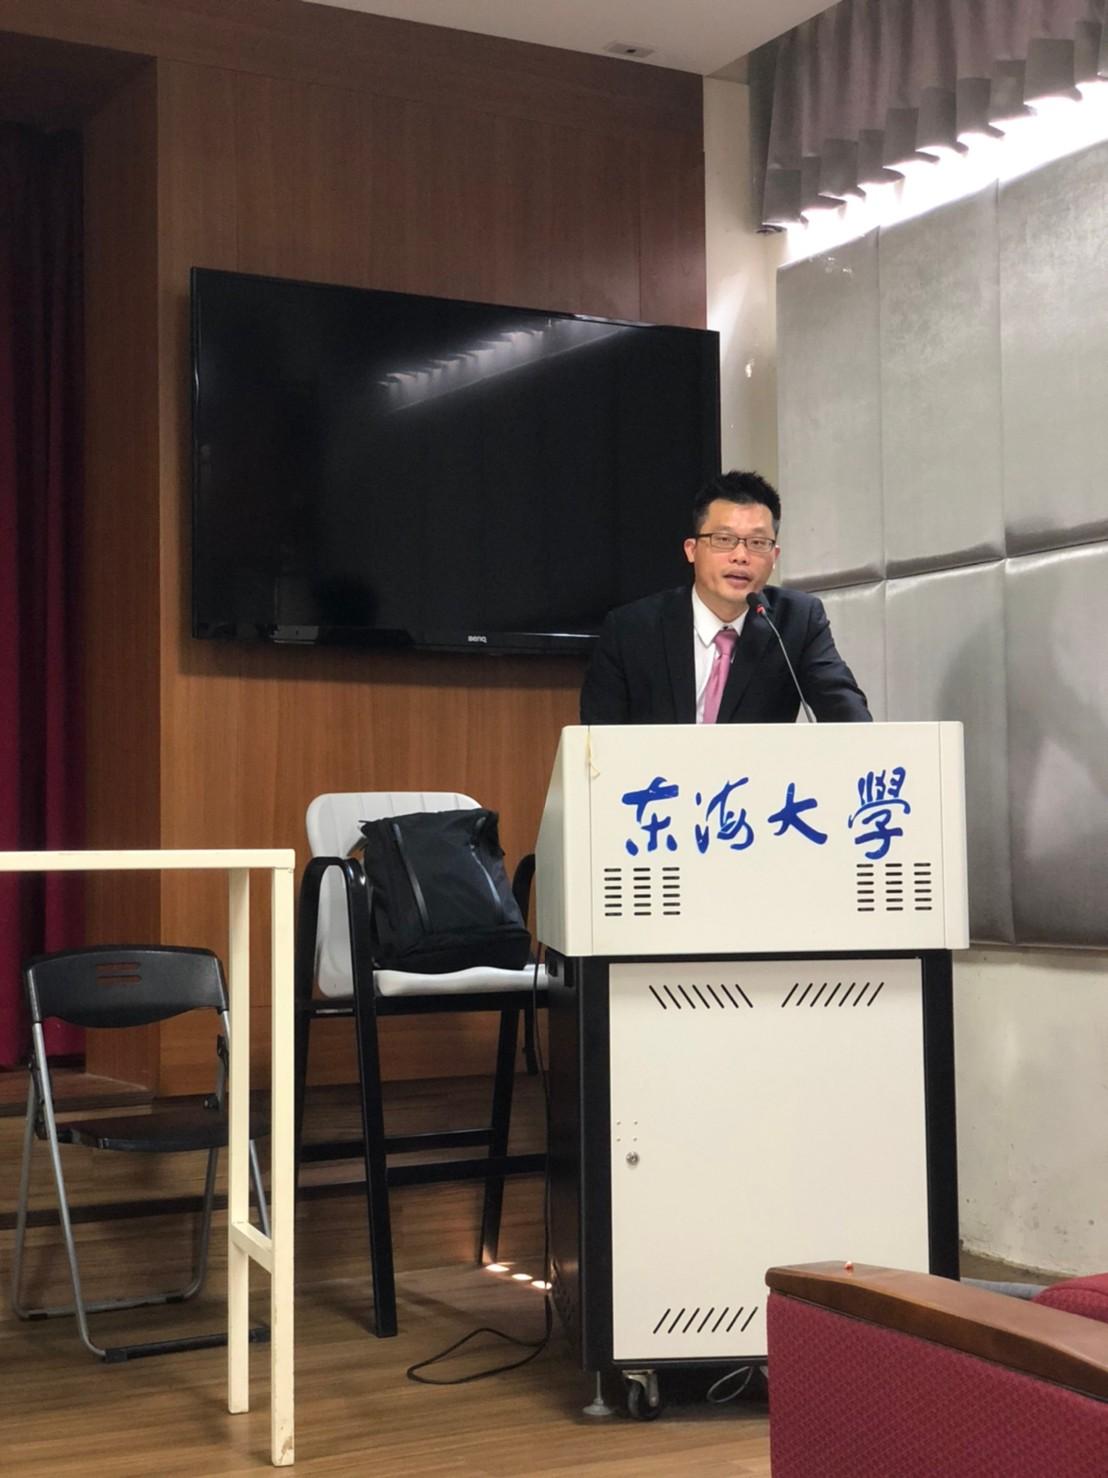 109年5月8日邀請中華經營管理職能發展中心陳育宏經理專題演講職涯規劃、時間管理與科系之就業方向